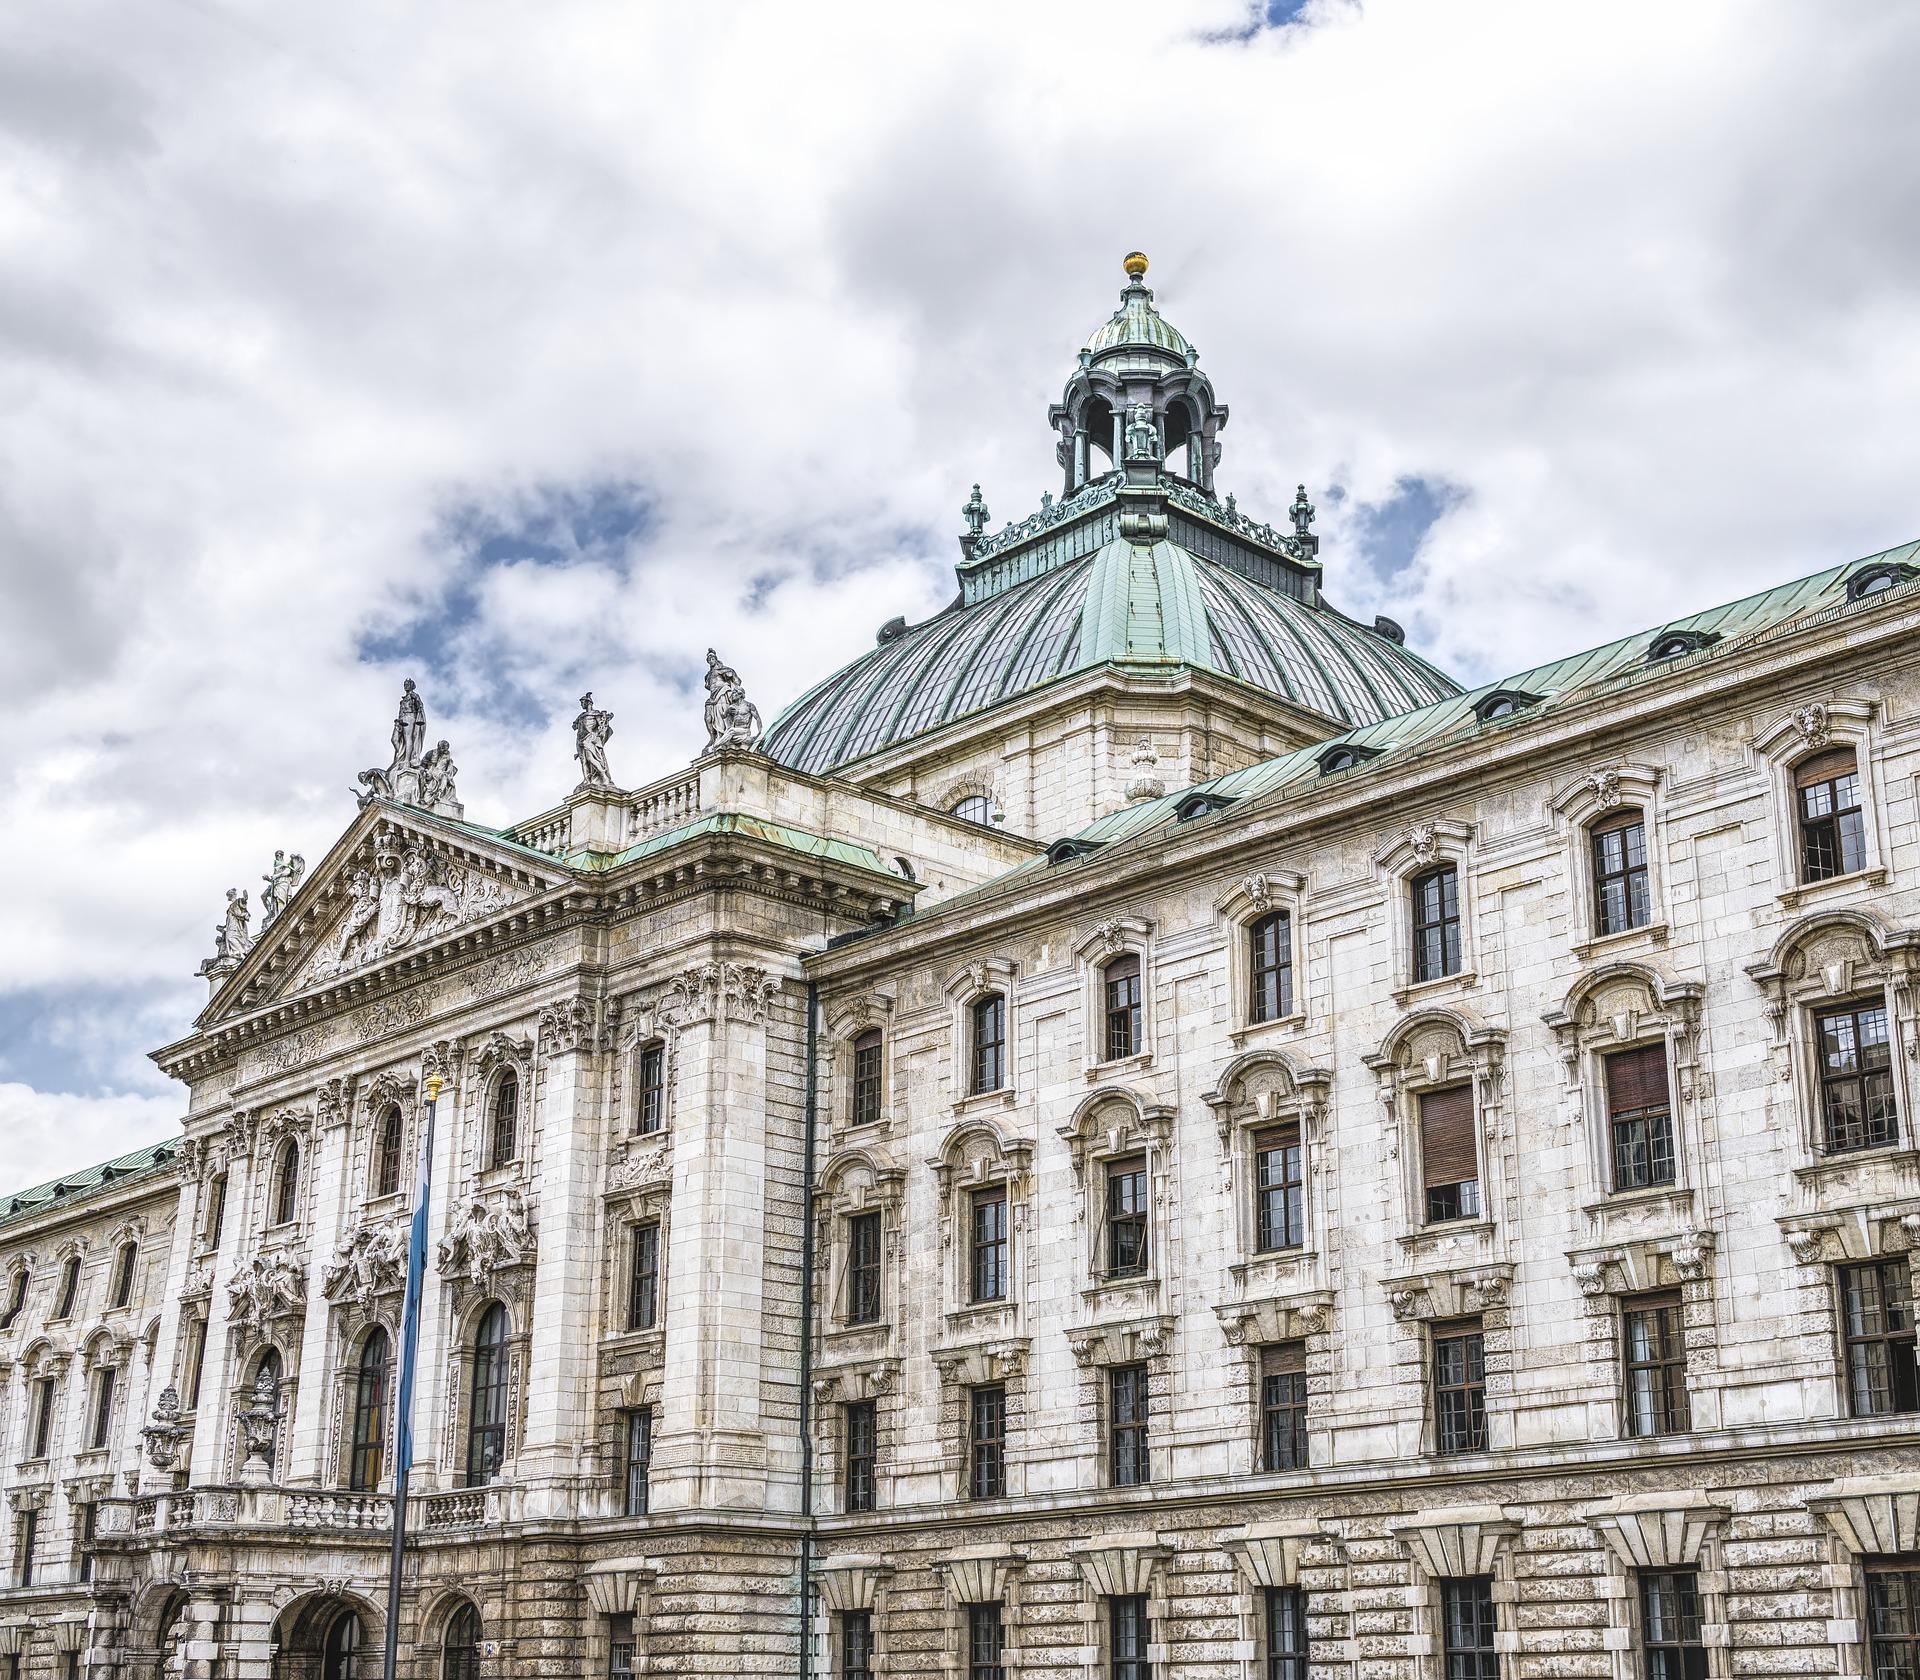 Fachanwalt für Erbrecht - Vergütungsfälle auf der Fallliste